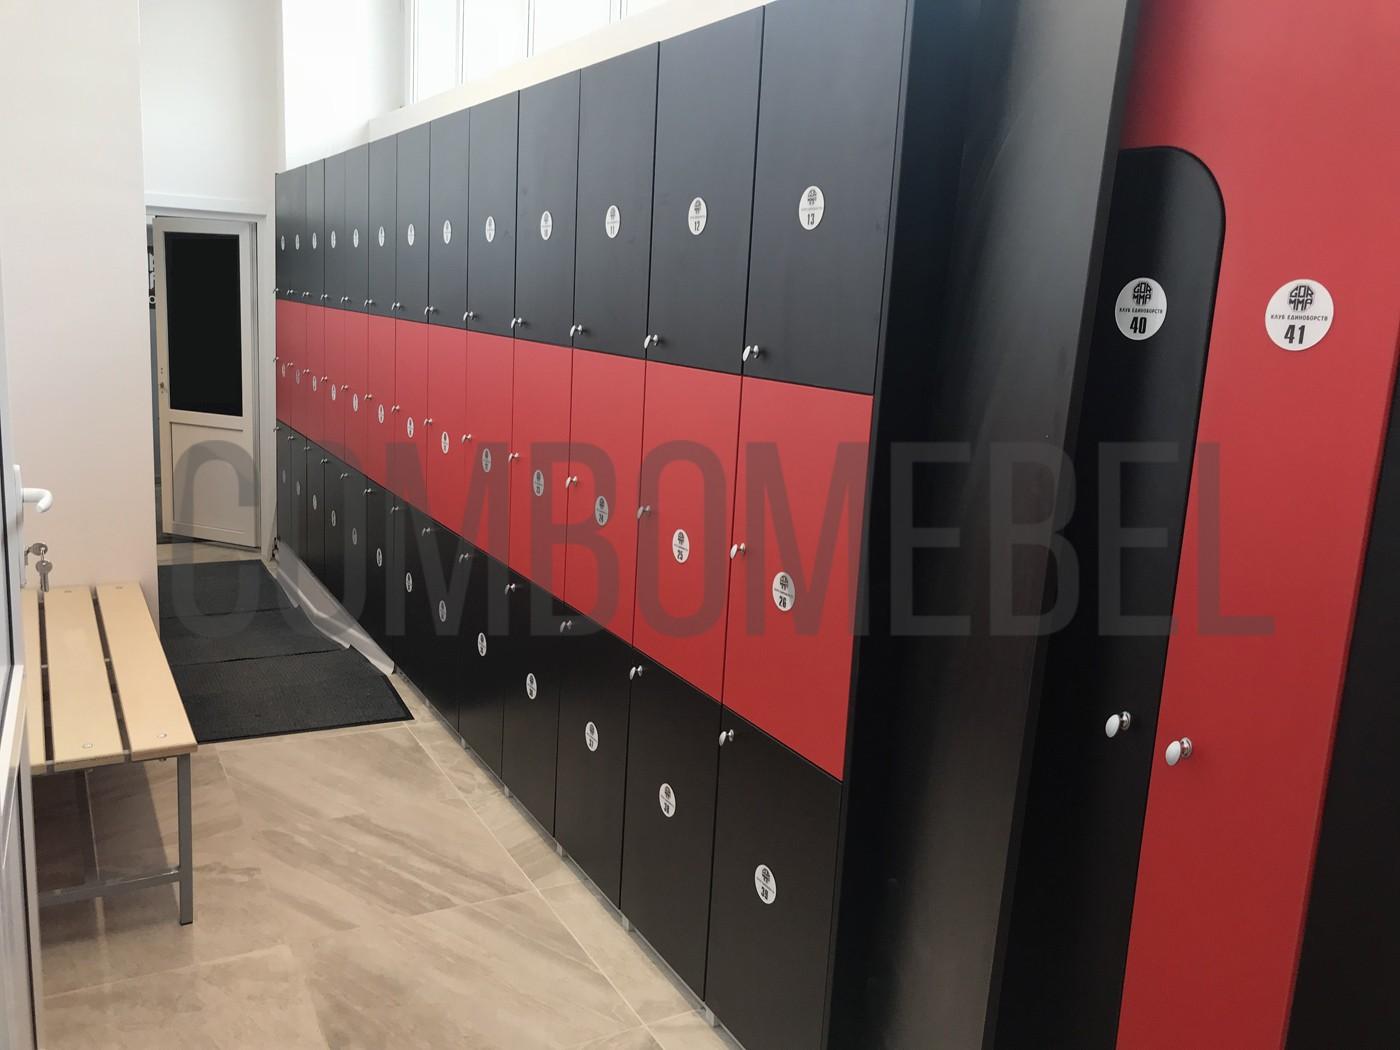 заказные трехсекционные шкафы для спортзала в цветах клуба